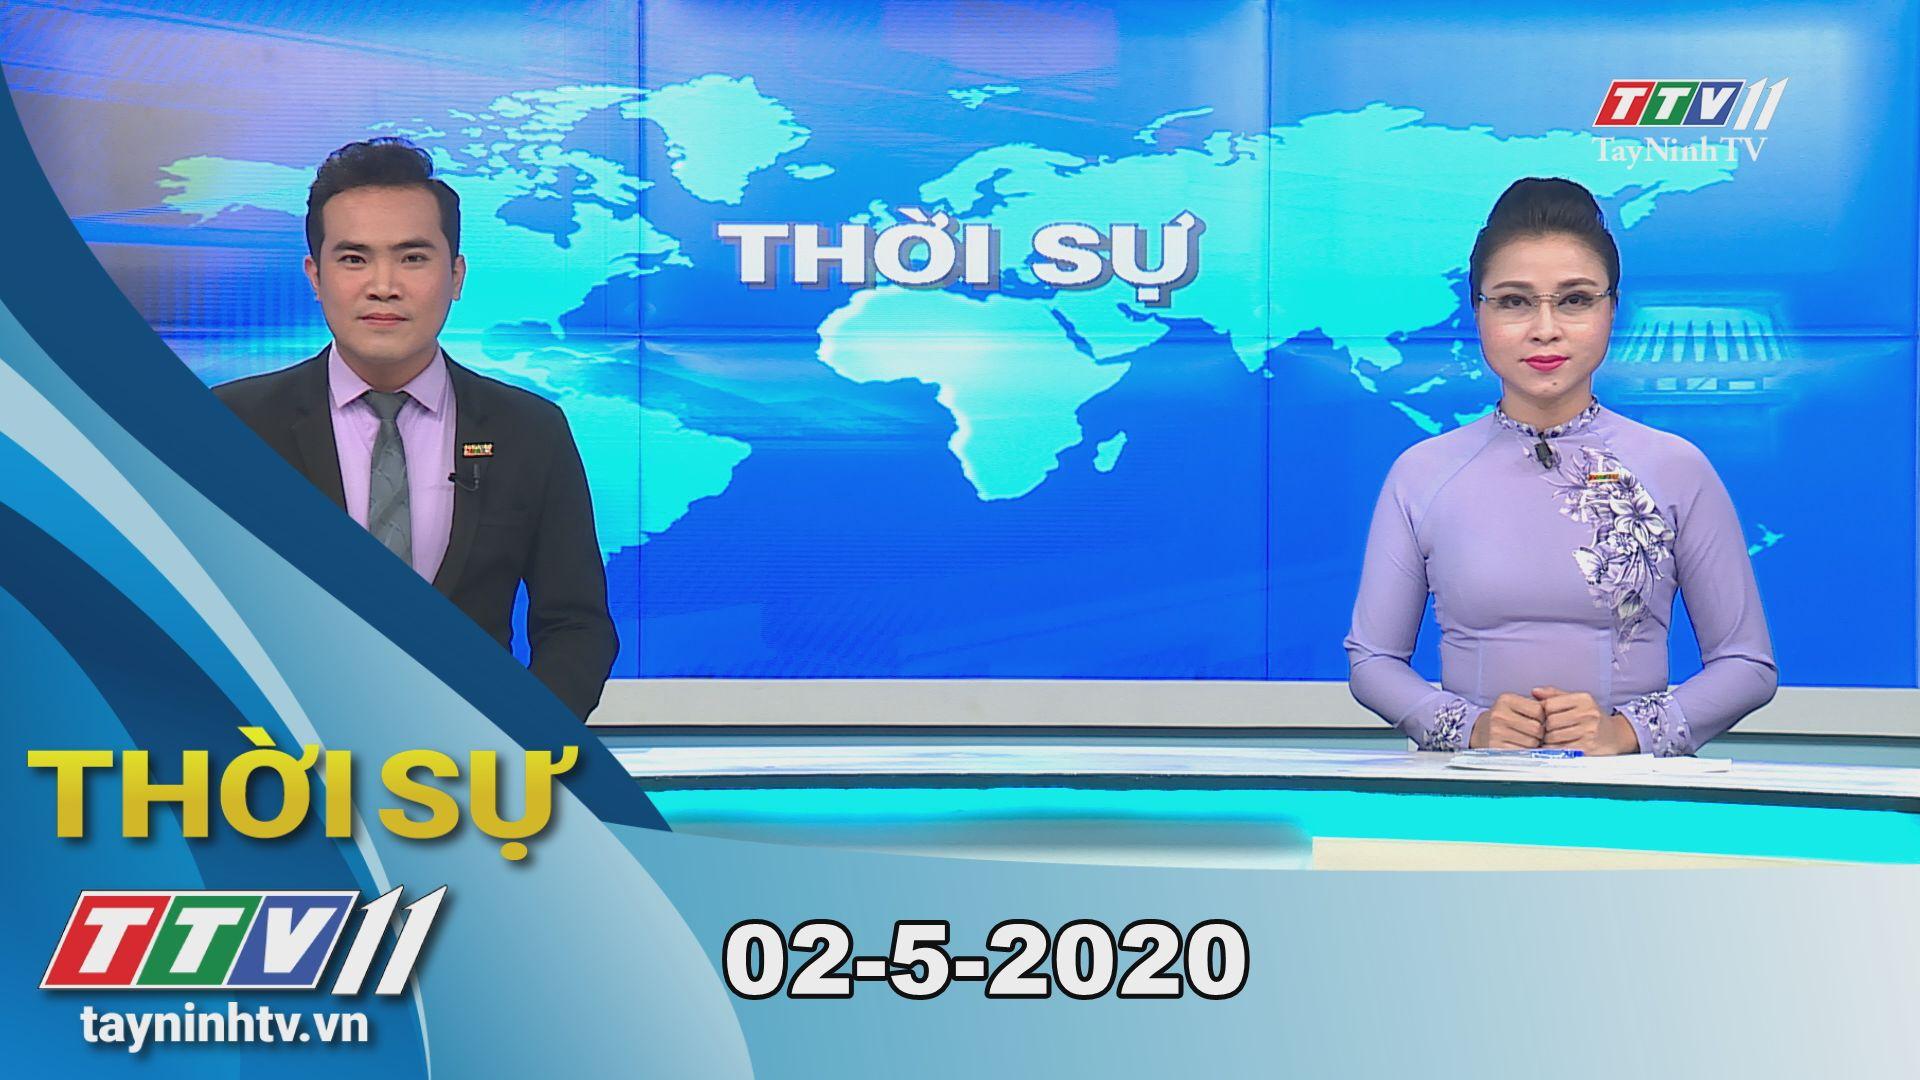 Thời sự Tây Ninh 02-5-2020 | Tin tức hôm nay | TayNinhTV